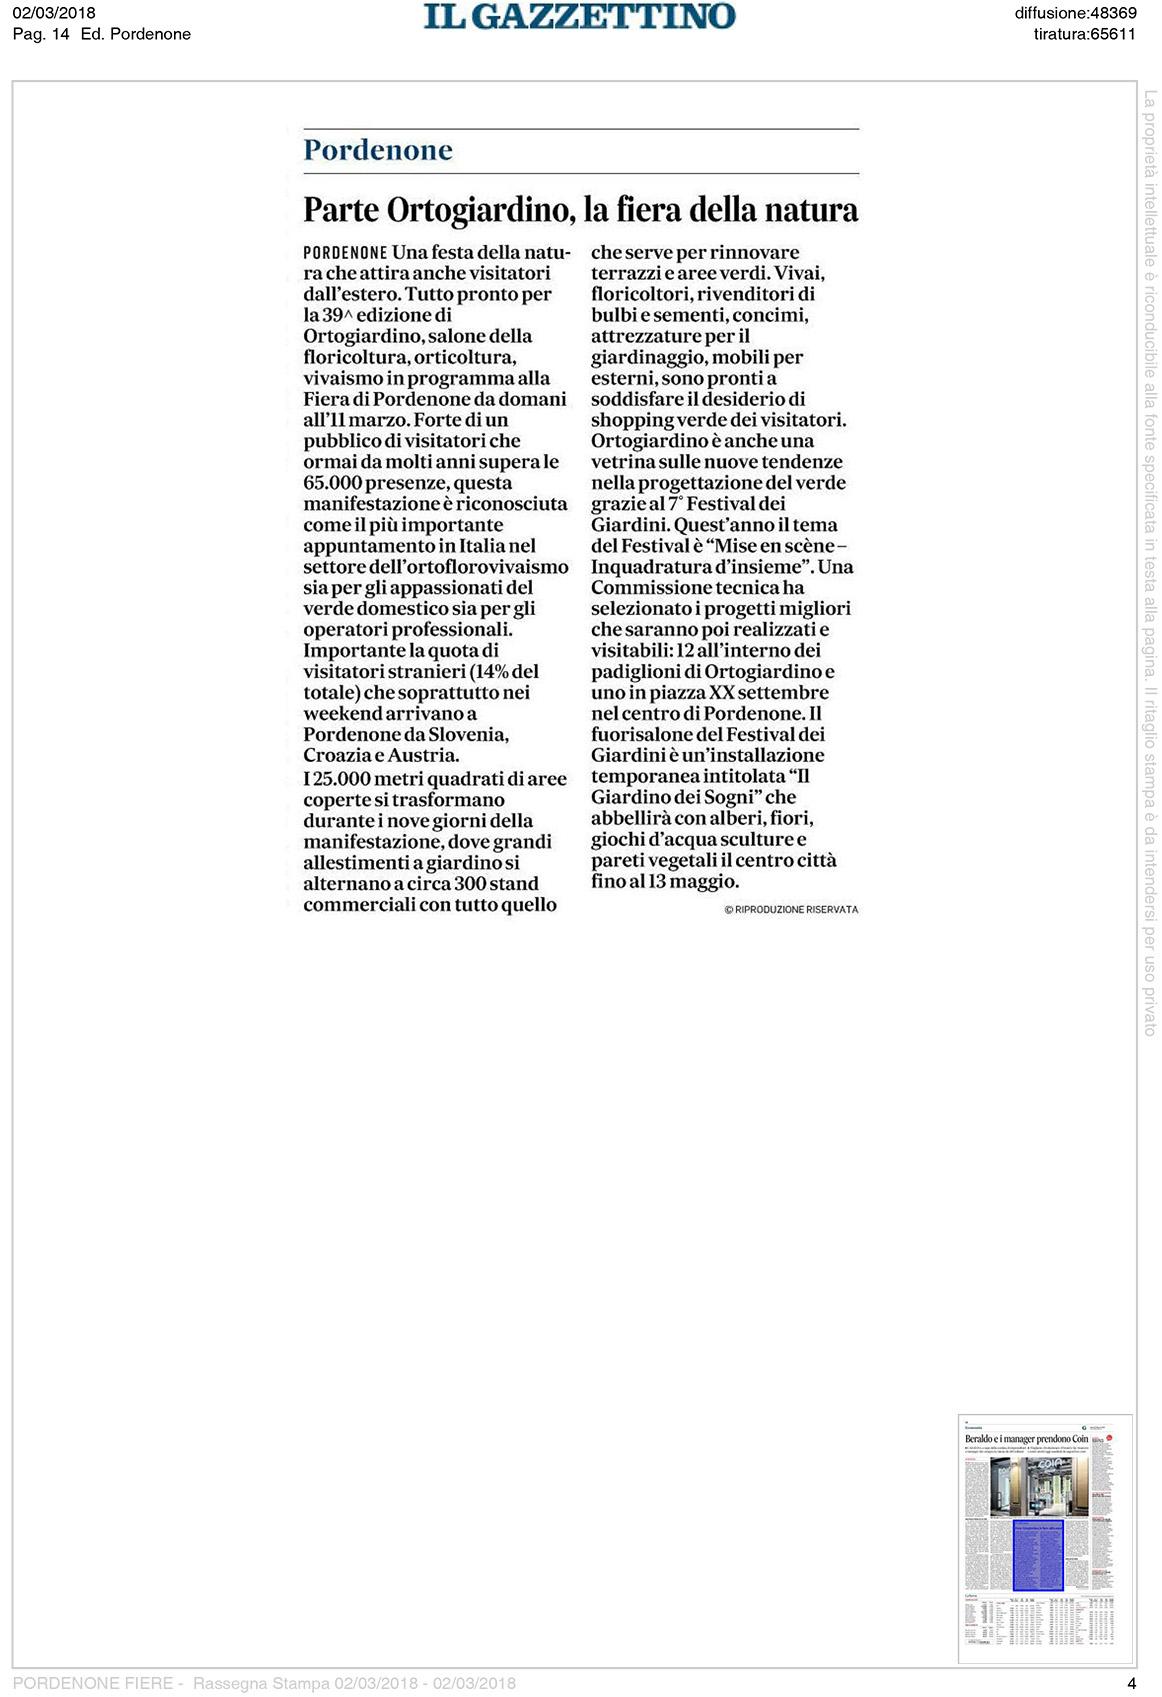 03-02-RassegnaStampa04-IlGazzettino